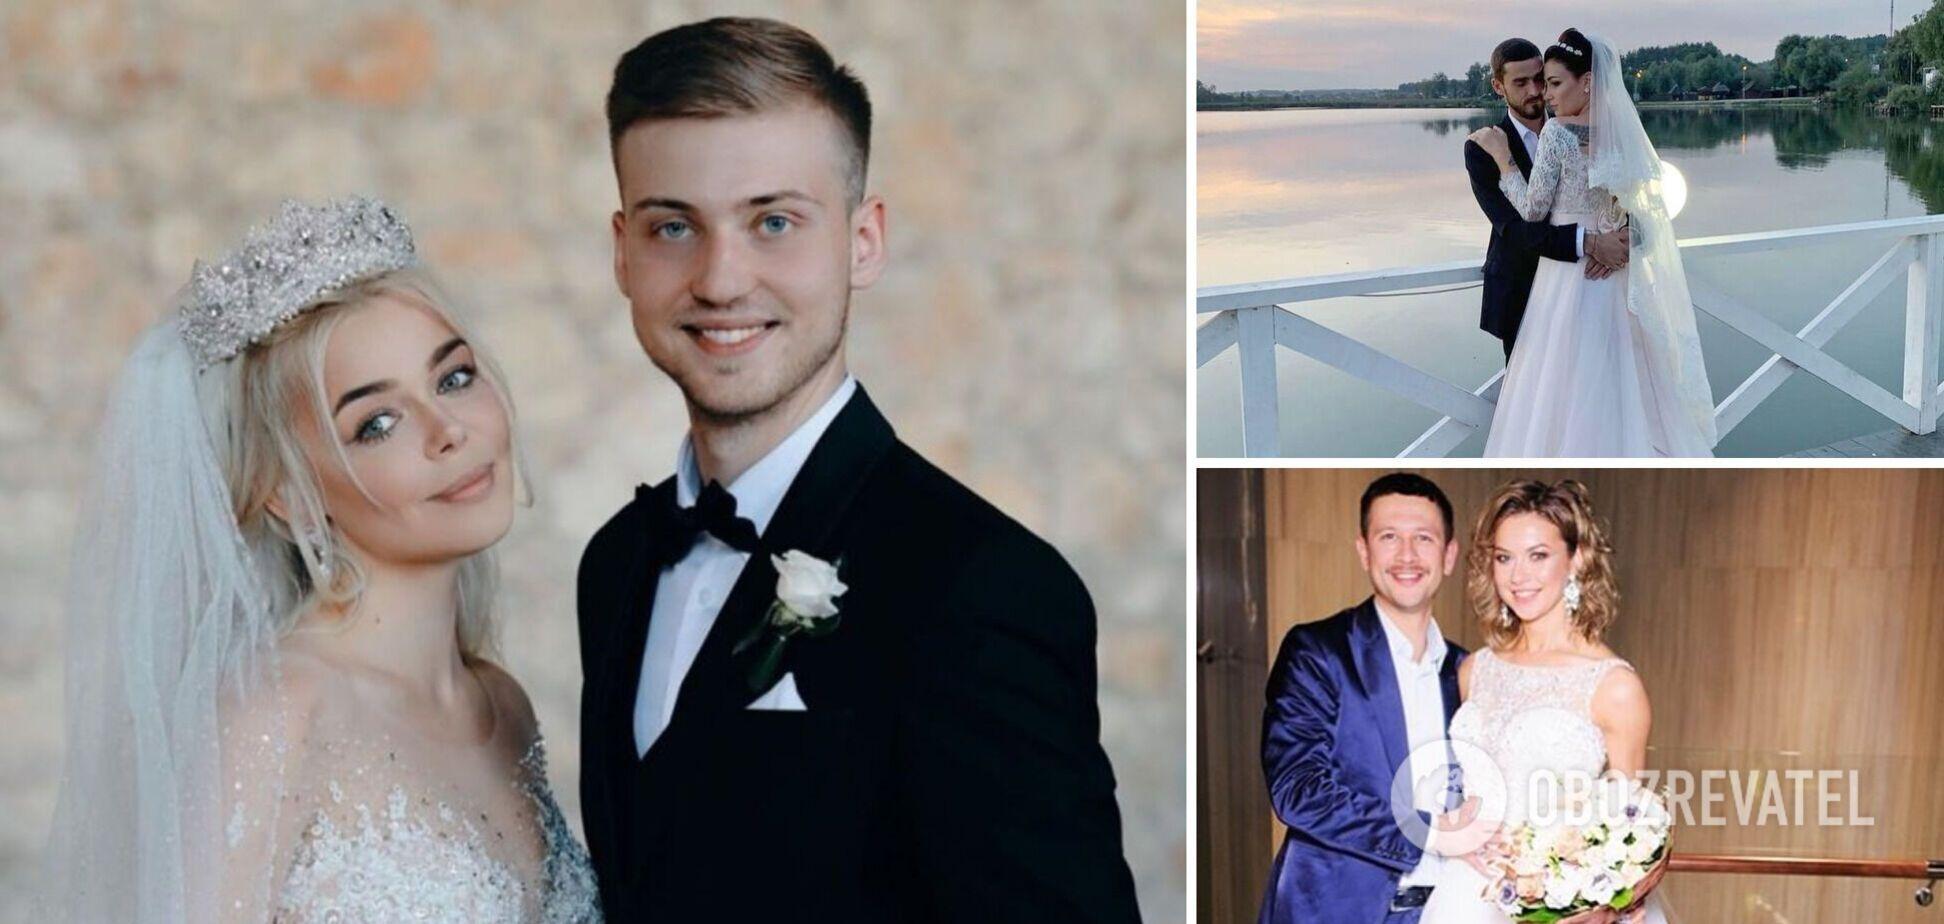 Пробитое колесо, цветы и опоздание: почему свадьбы украинских звезд были на грани срыва